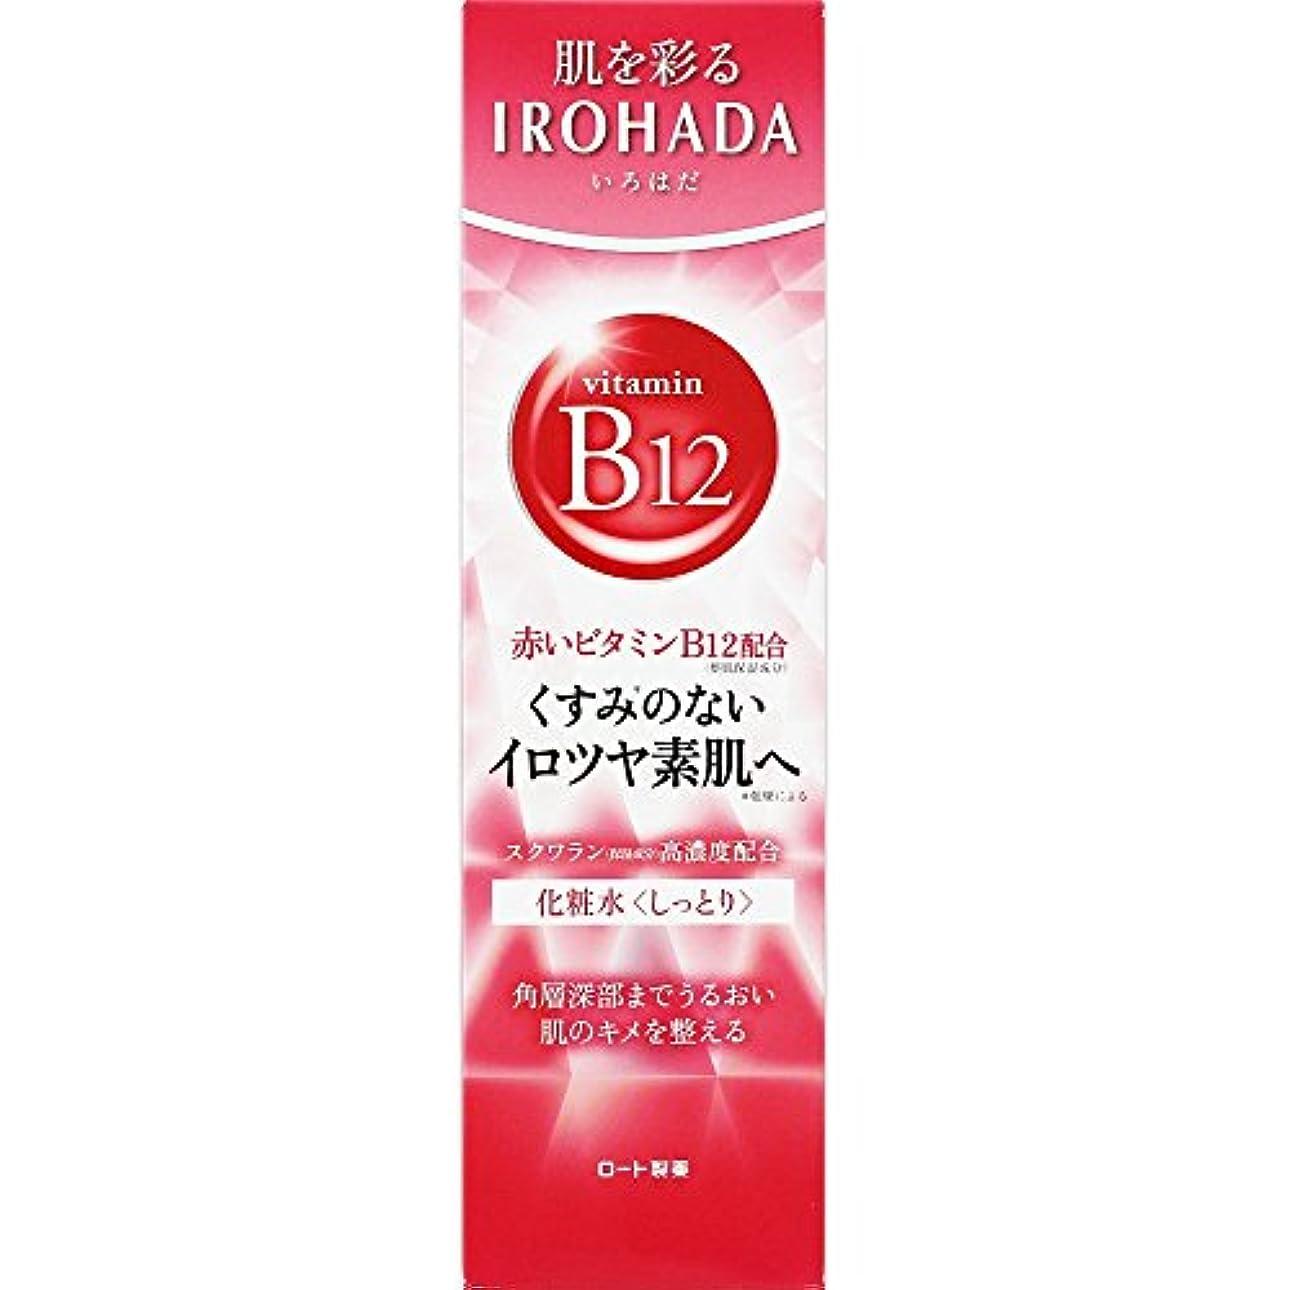 によると怠けた昆虫を見るロート製薬 いろはだ (IROHADA) 赤いビタミンB12×スクワラン配合 化粧水しっとり 160ml